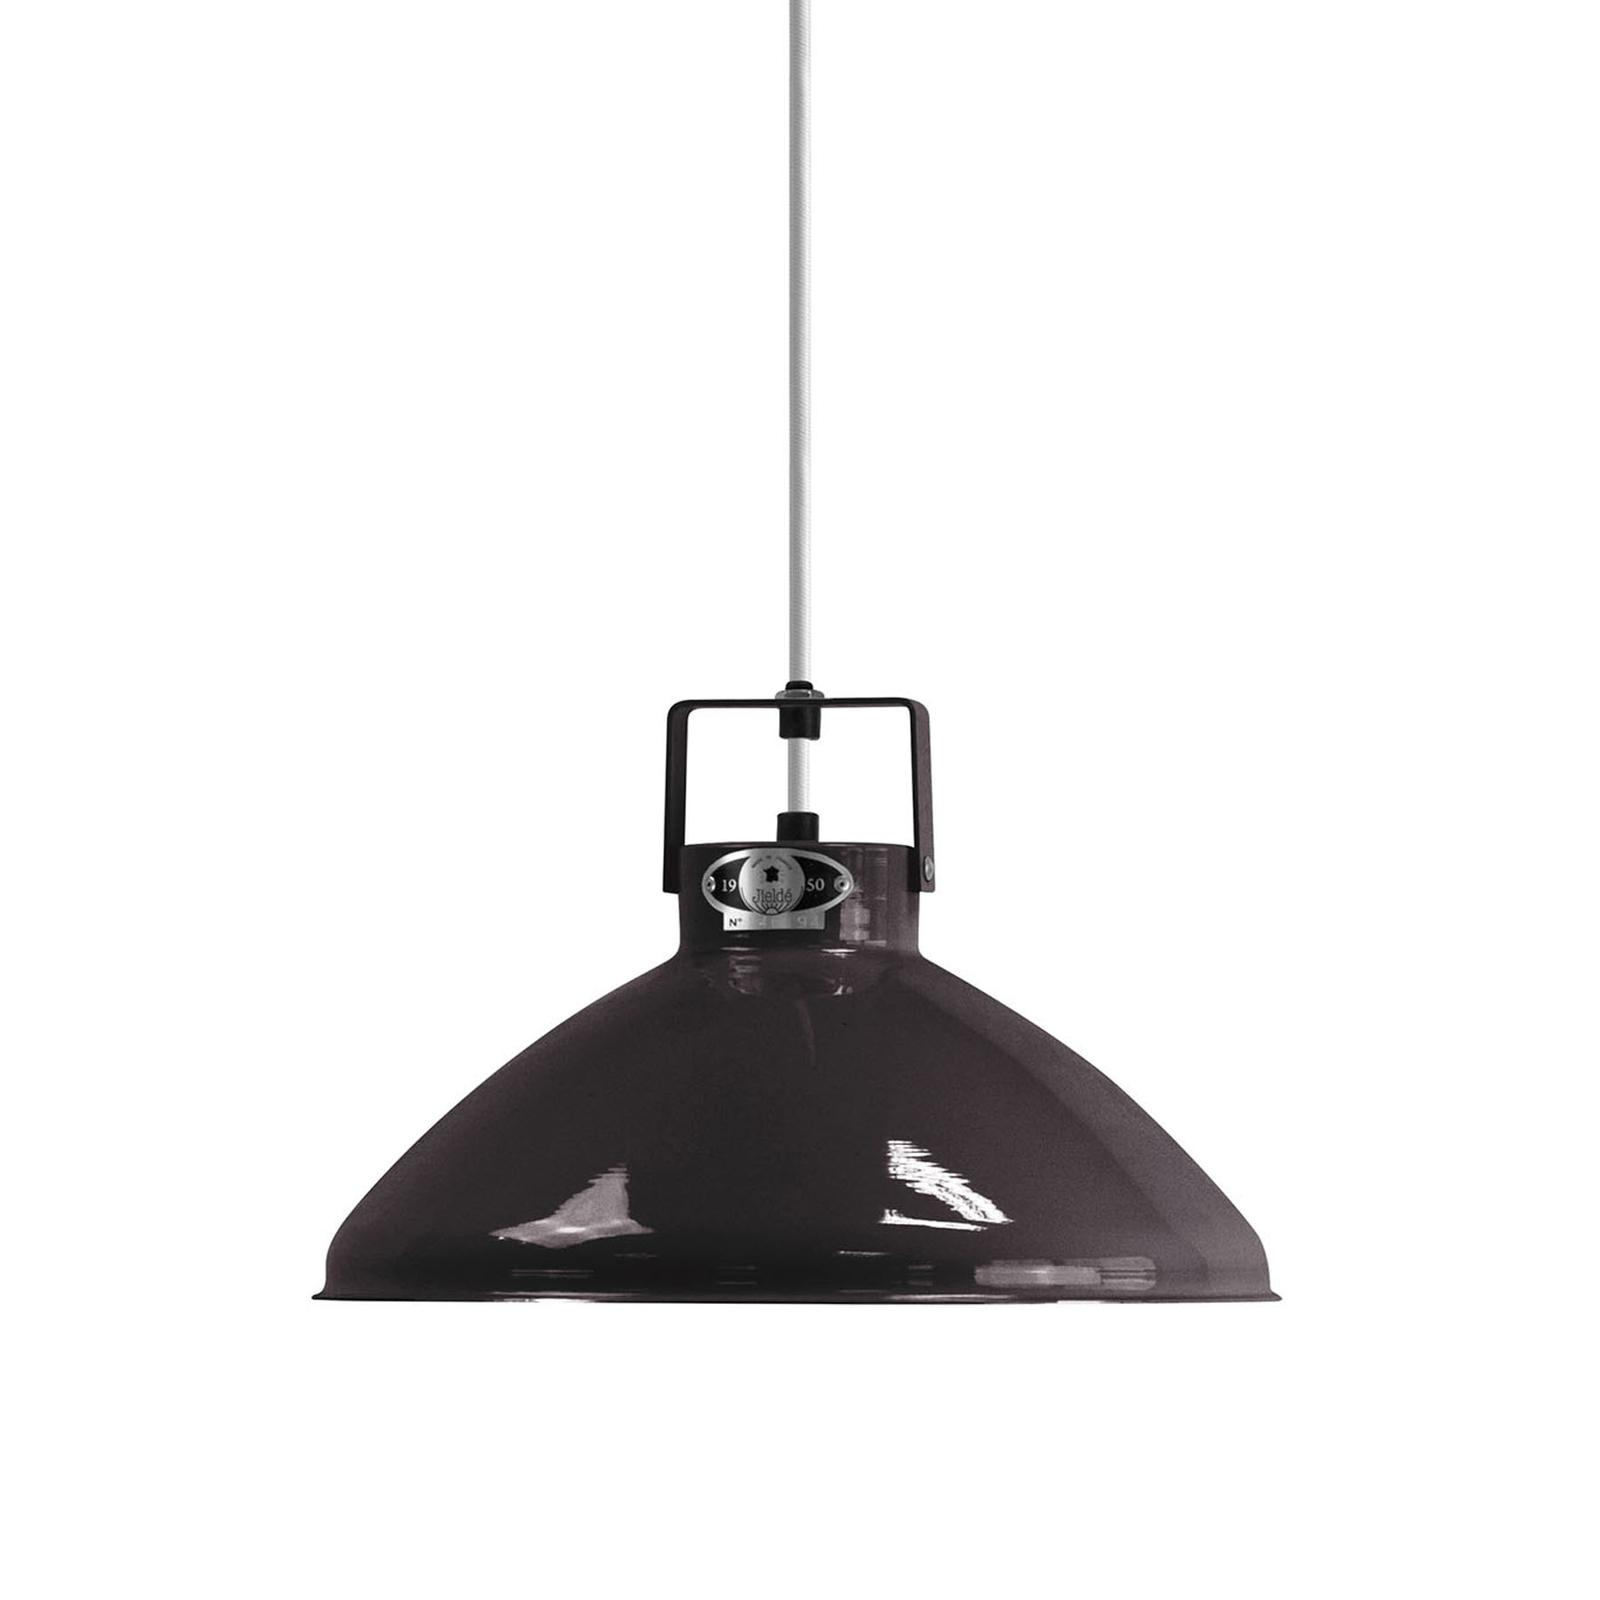 Jieldé Beaumont B240 hanglamp zwart glanzend